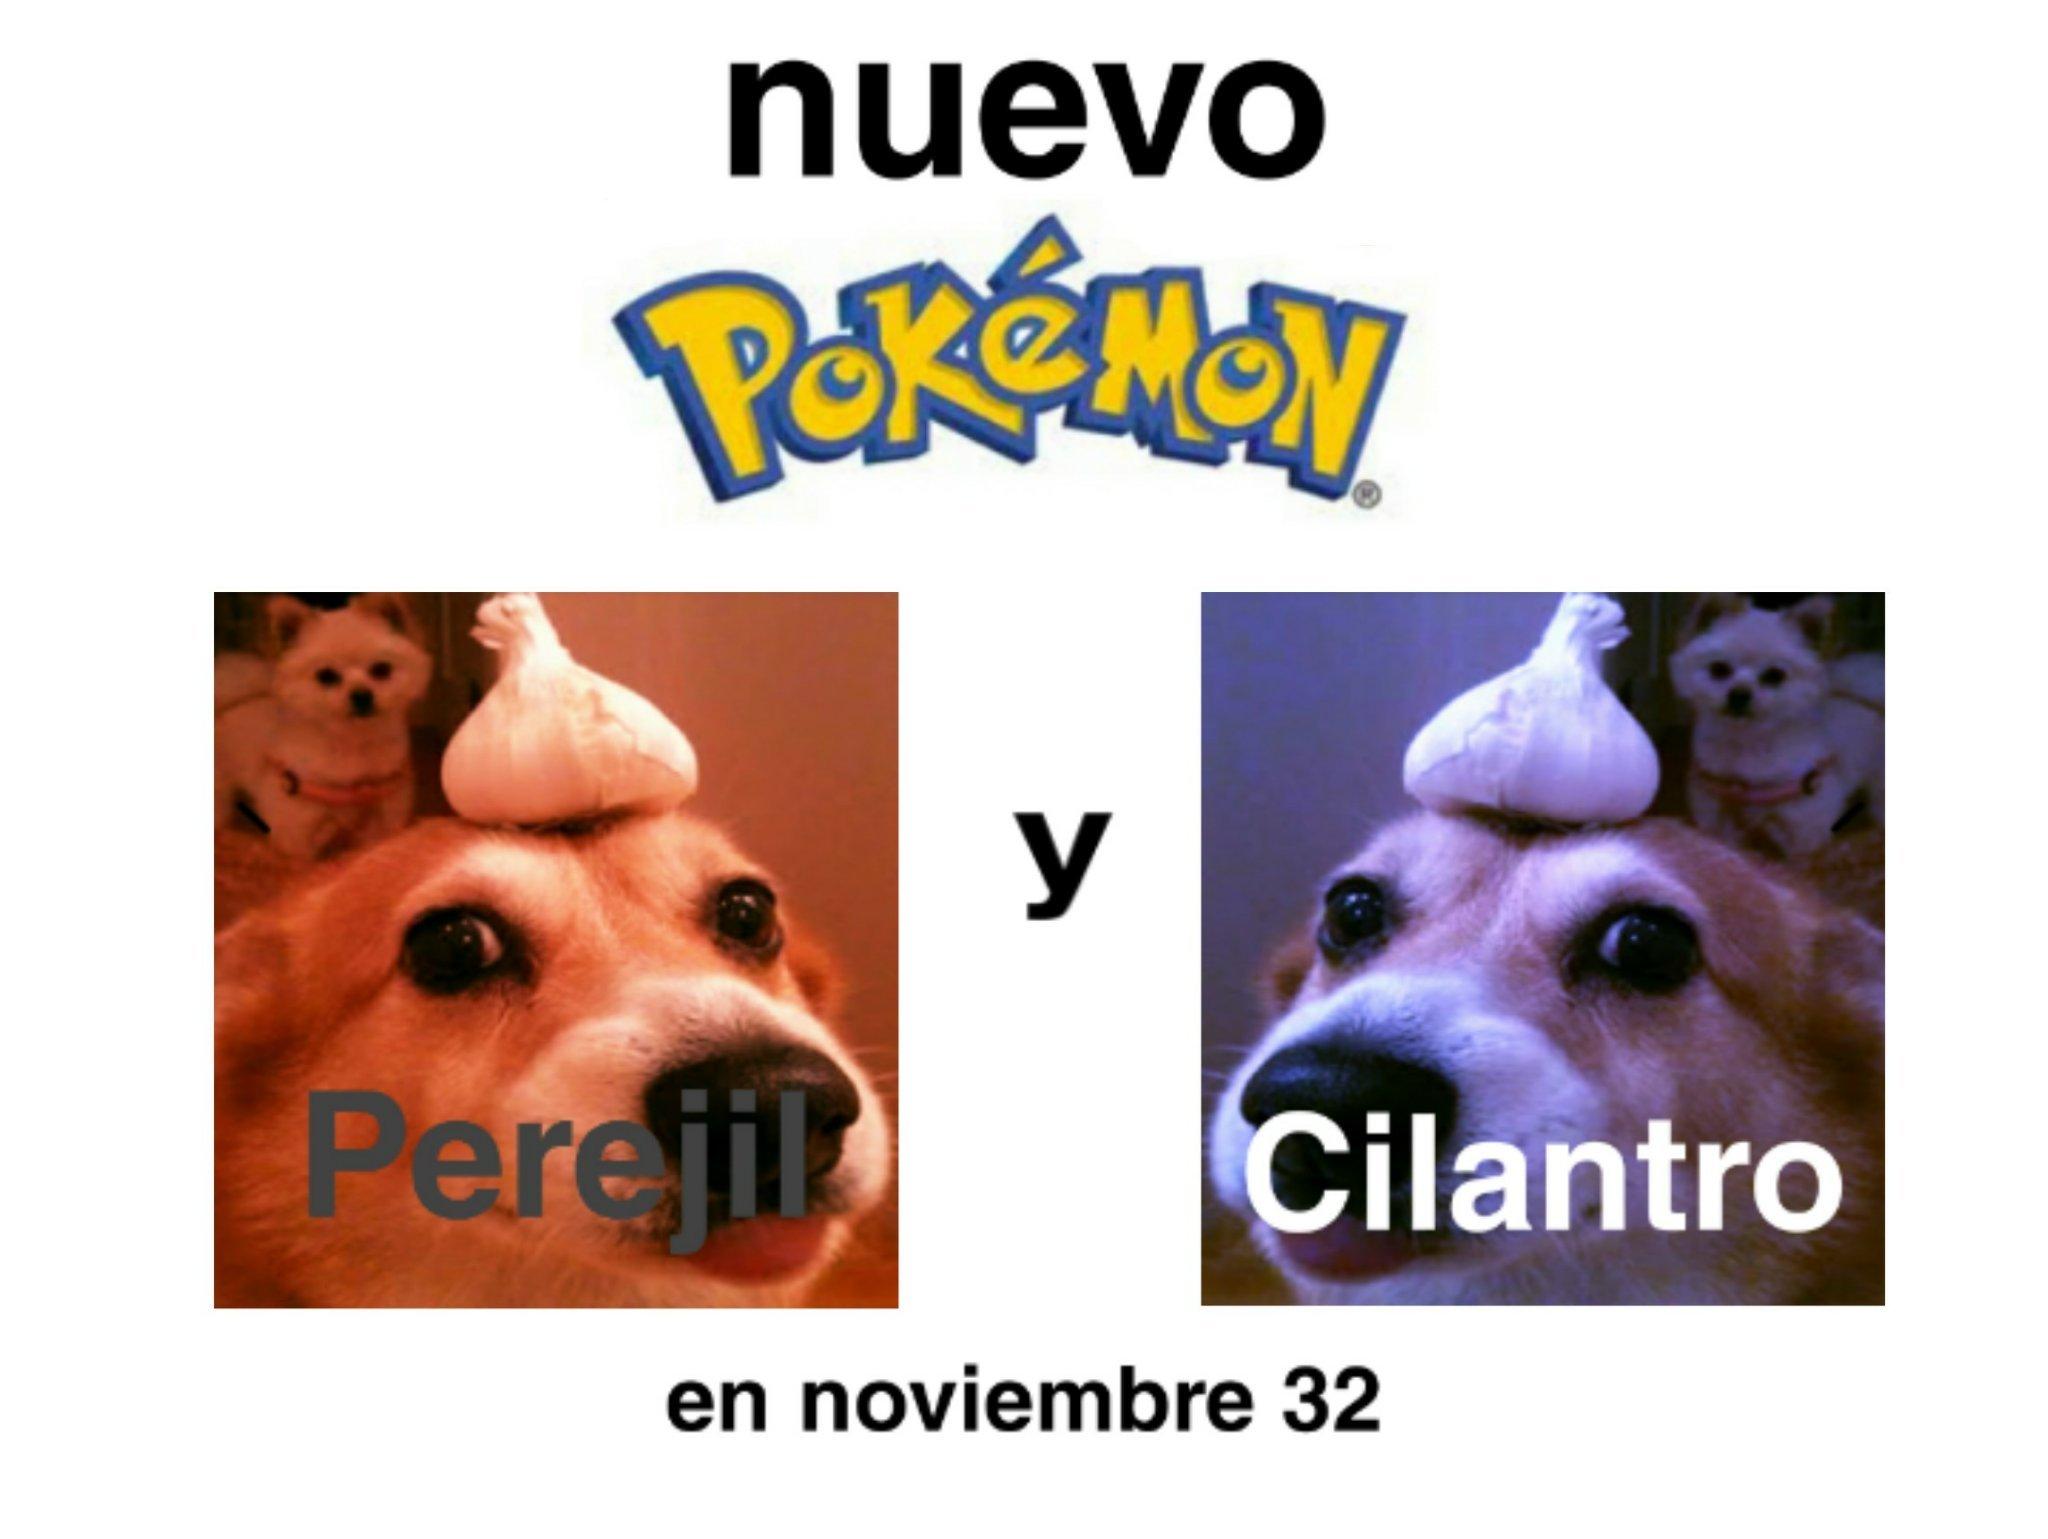 Pokémon - meme